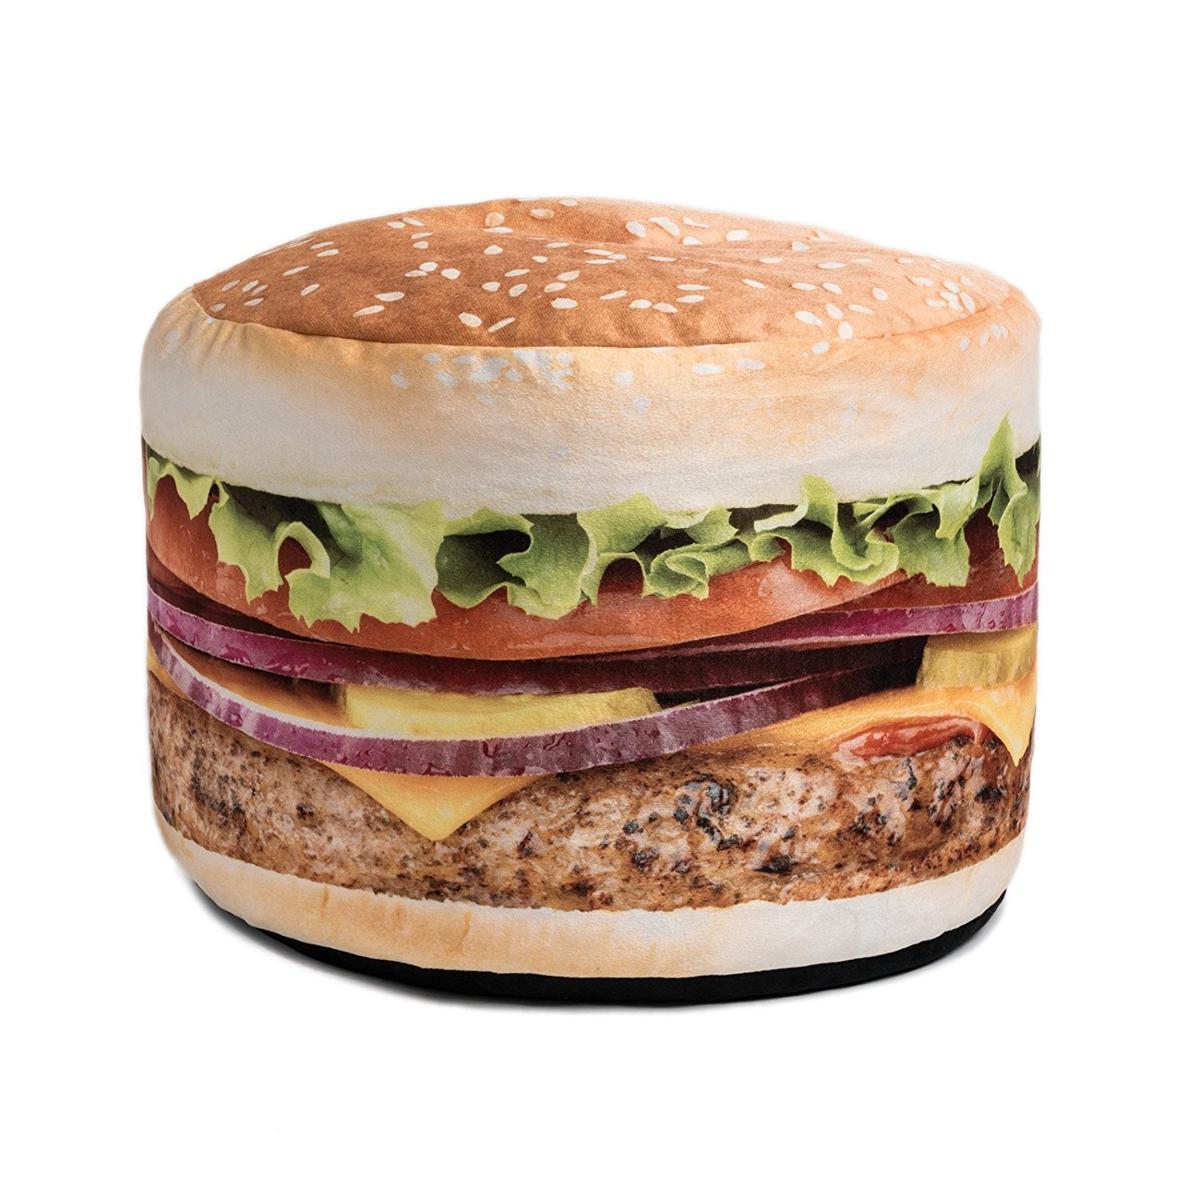 ハンバーガー ビーンバッグチェア ソファ クッション おもしろい インテリア 家具